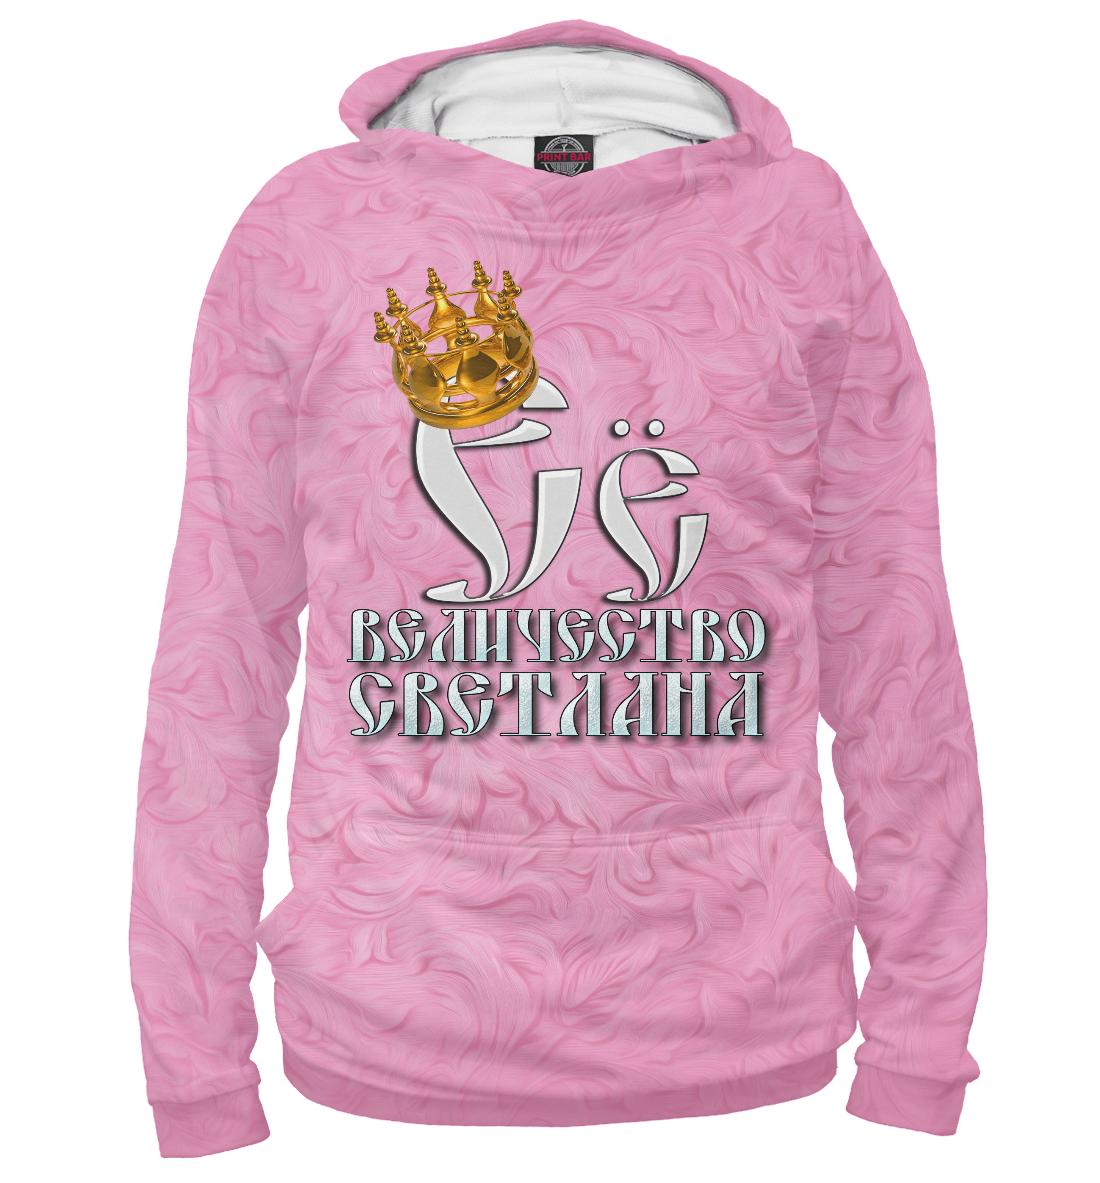 Купить Её величество Светлана, Printbar, Худи, IMR-342423-hud-1